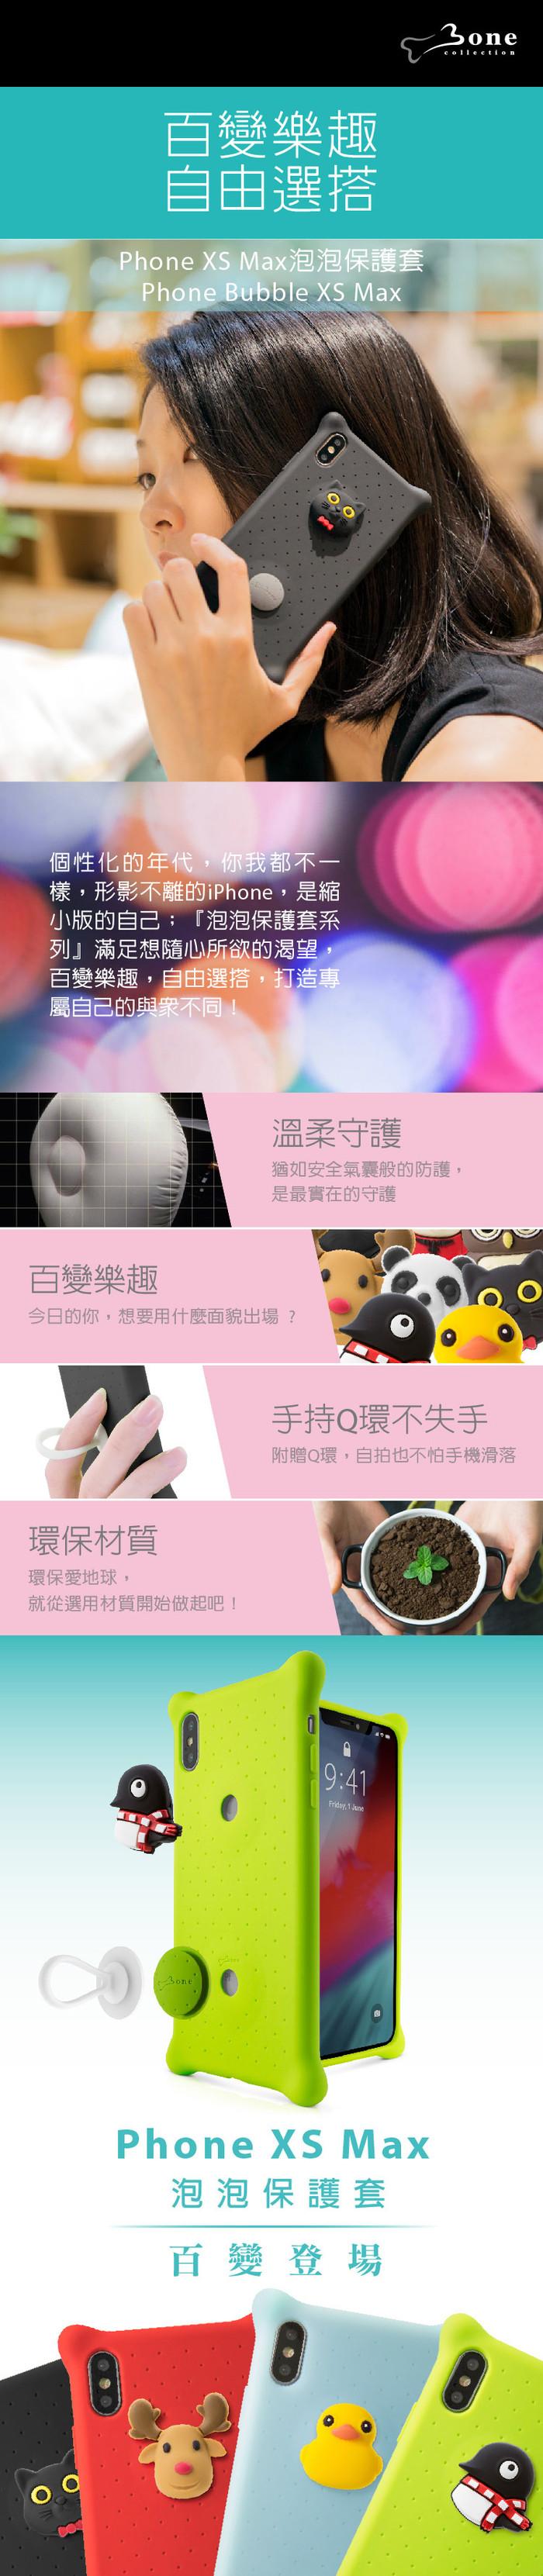 (複製)Bone / iPhone XS 手機殼 泡泡保護套 (5.8吋)